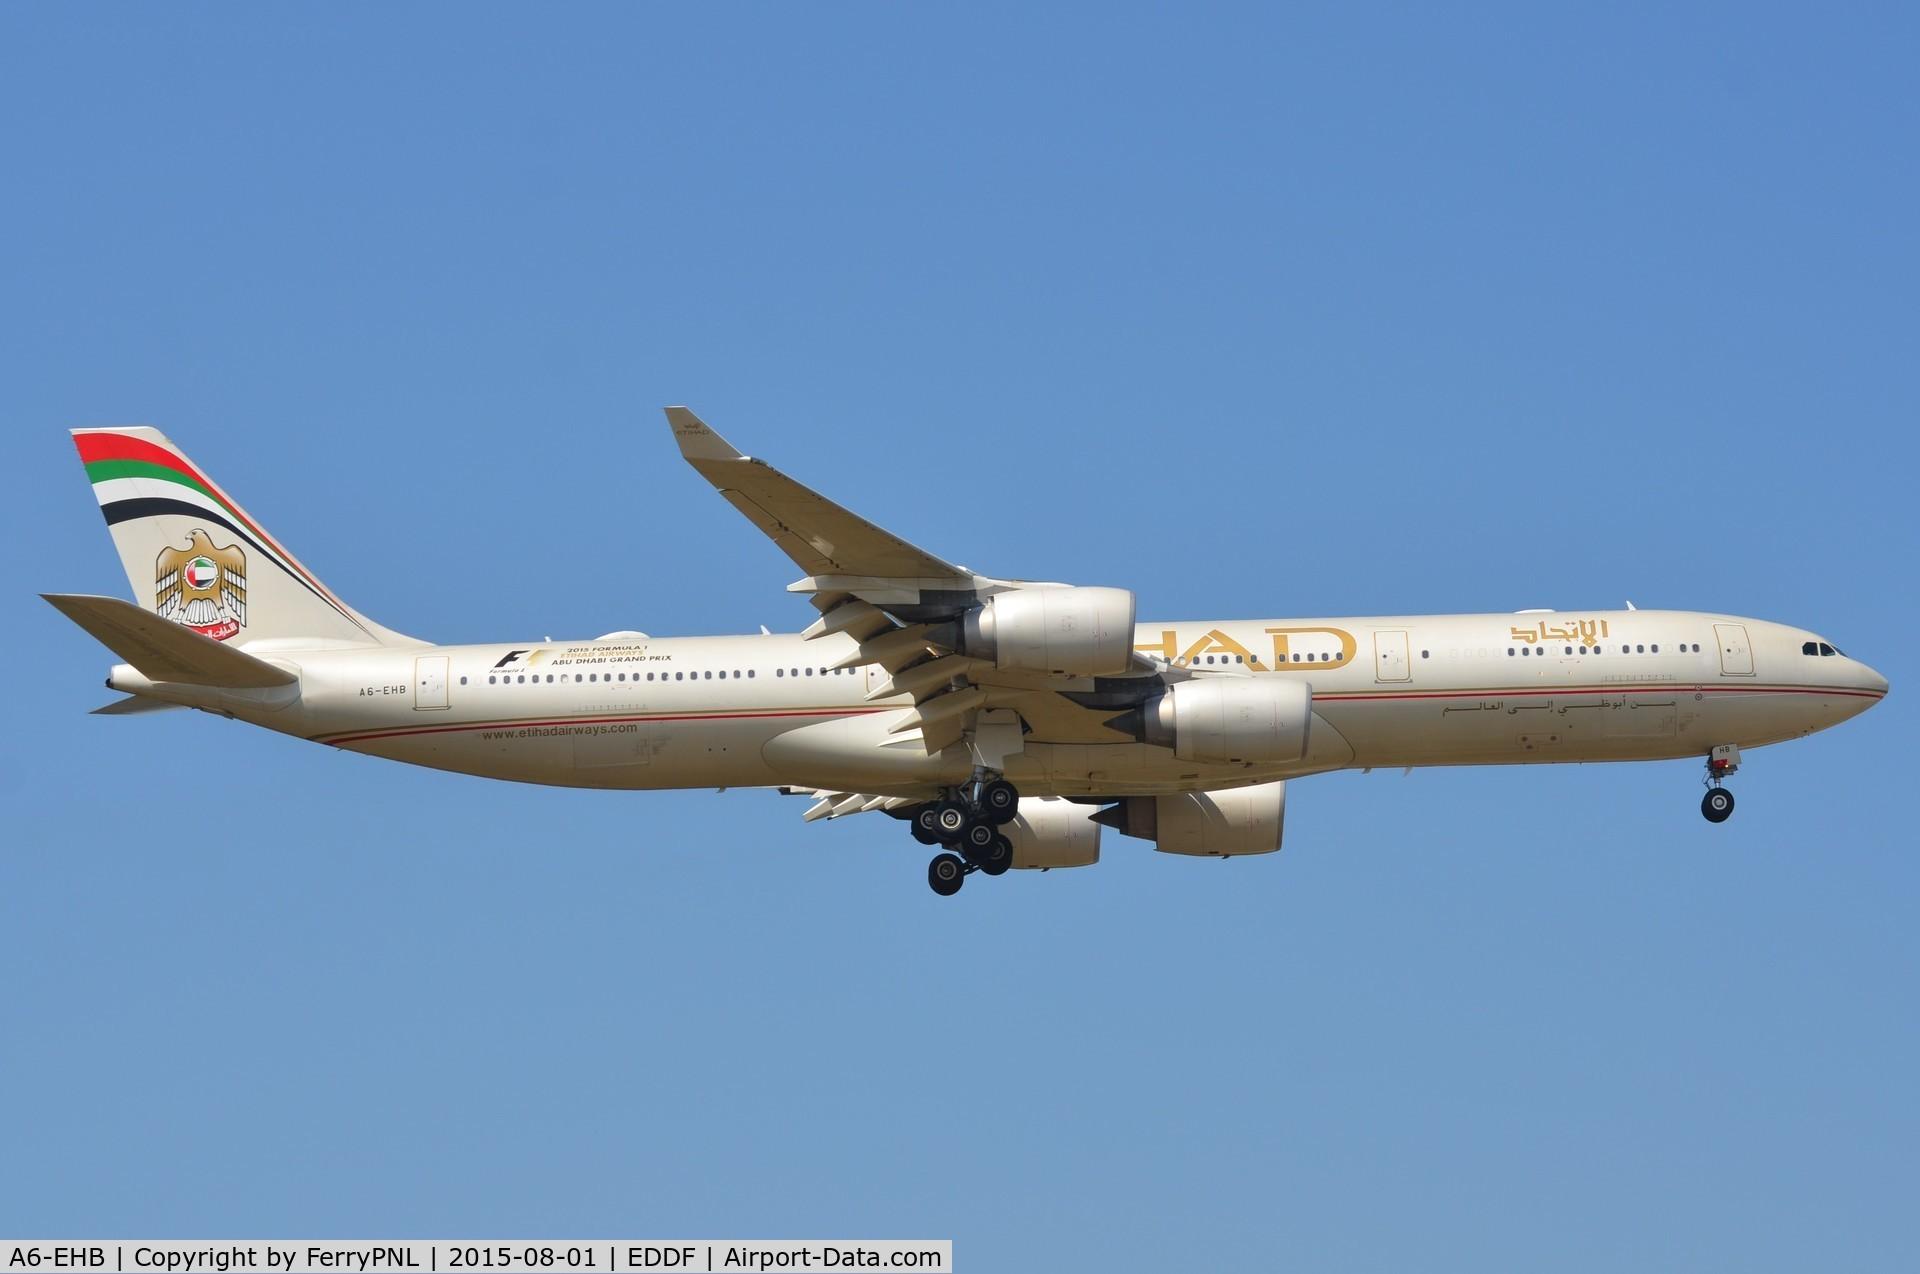 A6-EHB, 2006 Airbus A340-541 C/N 757, Etihad A345 landing in FRA